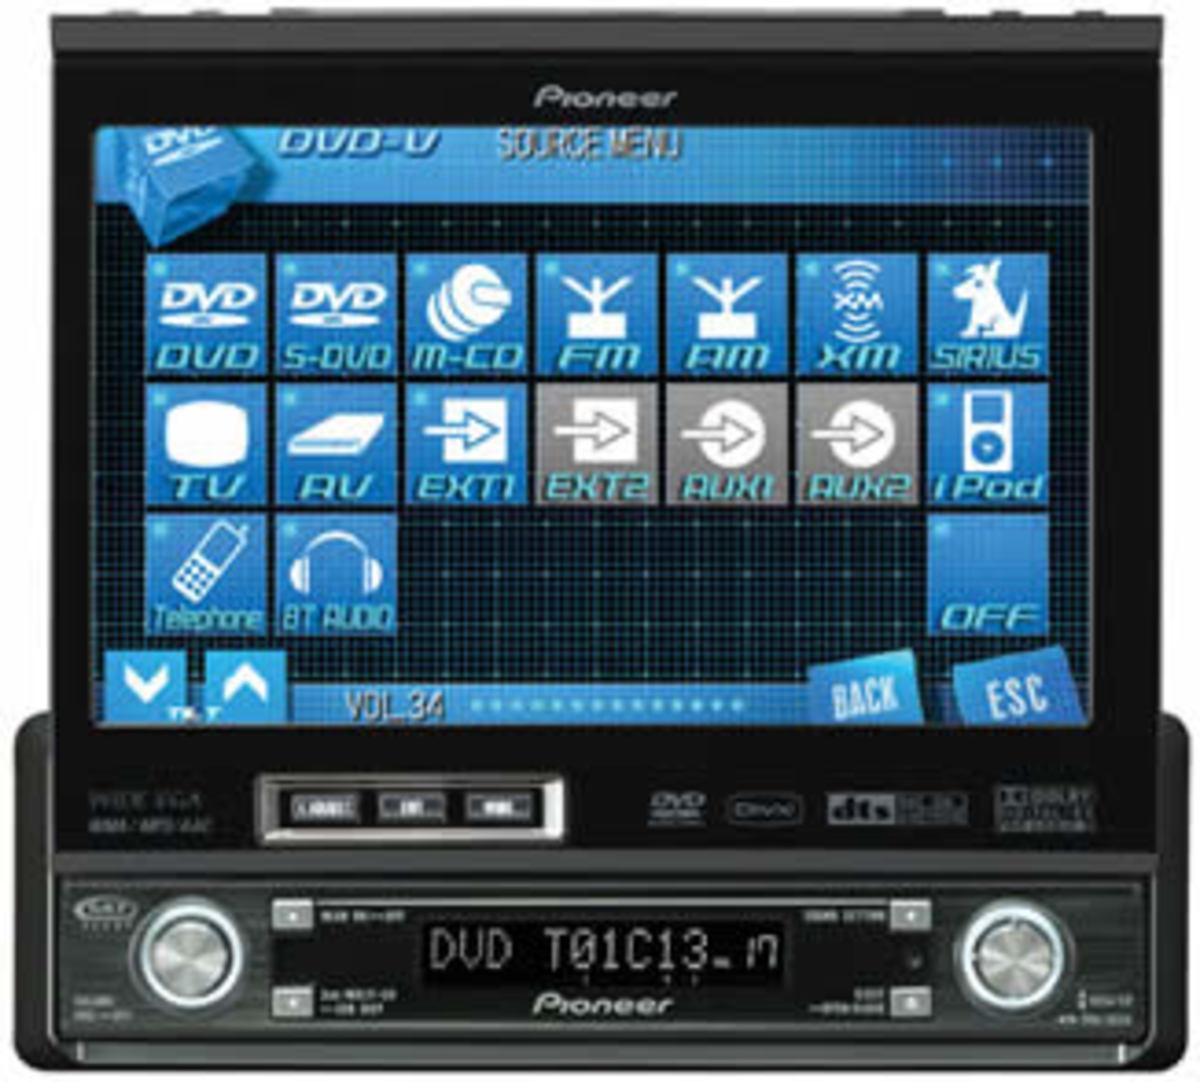 pioneerp7800